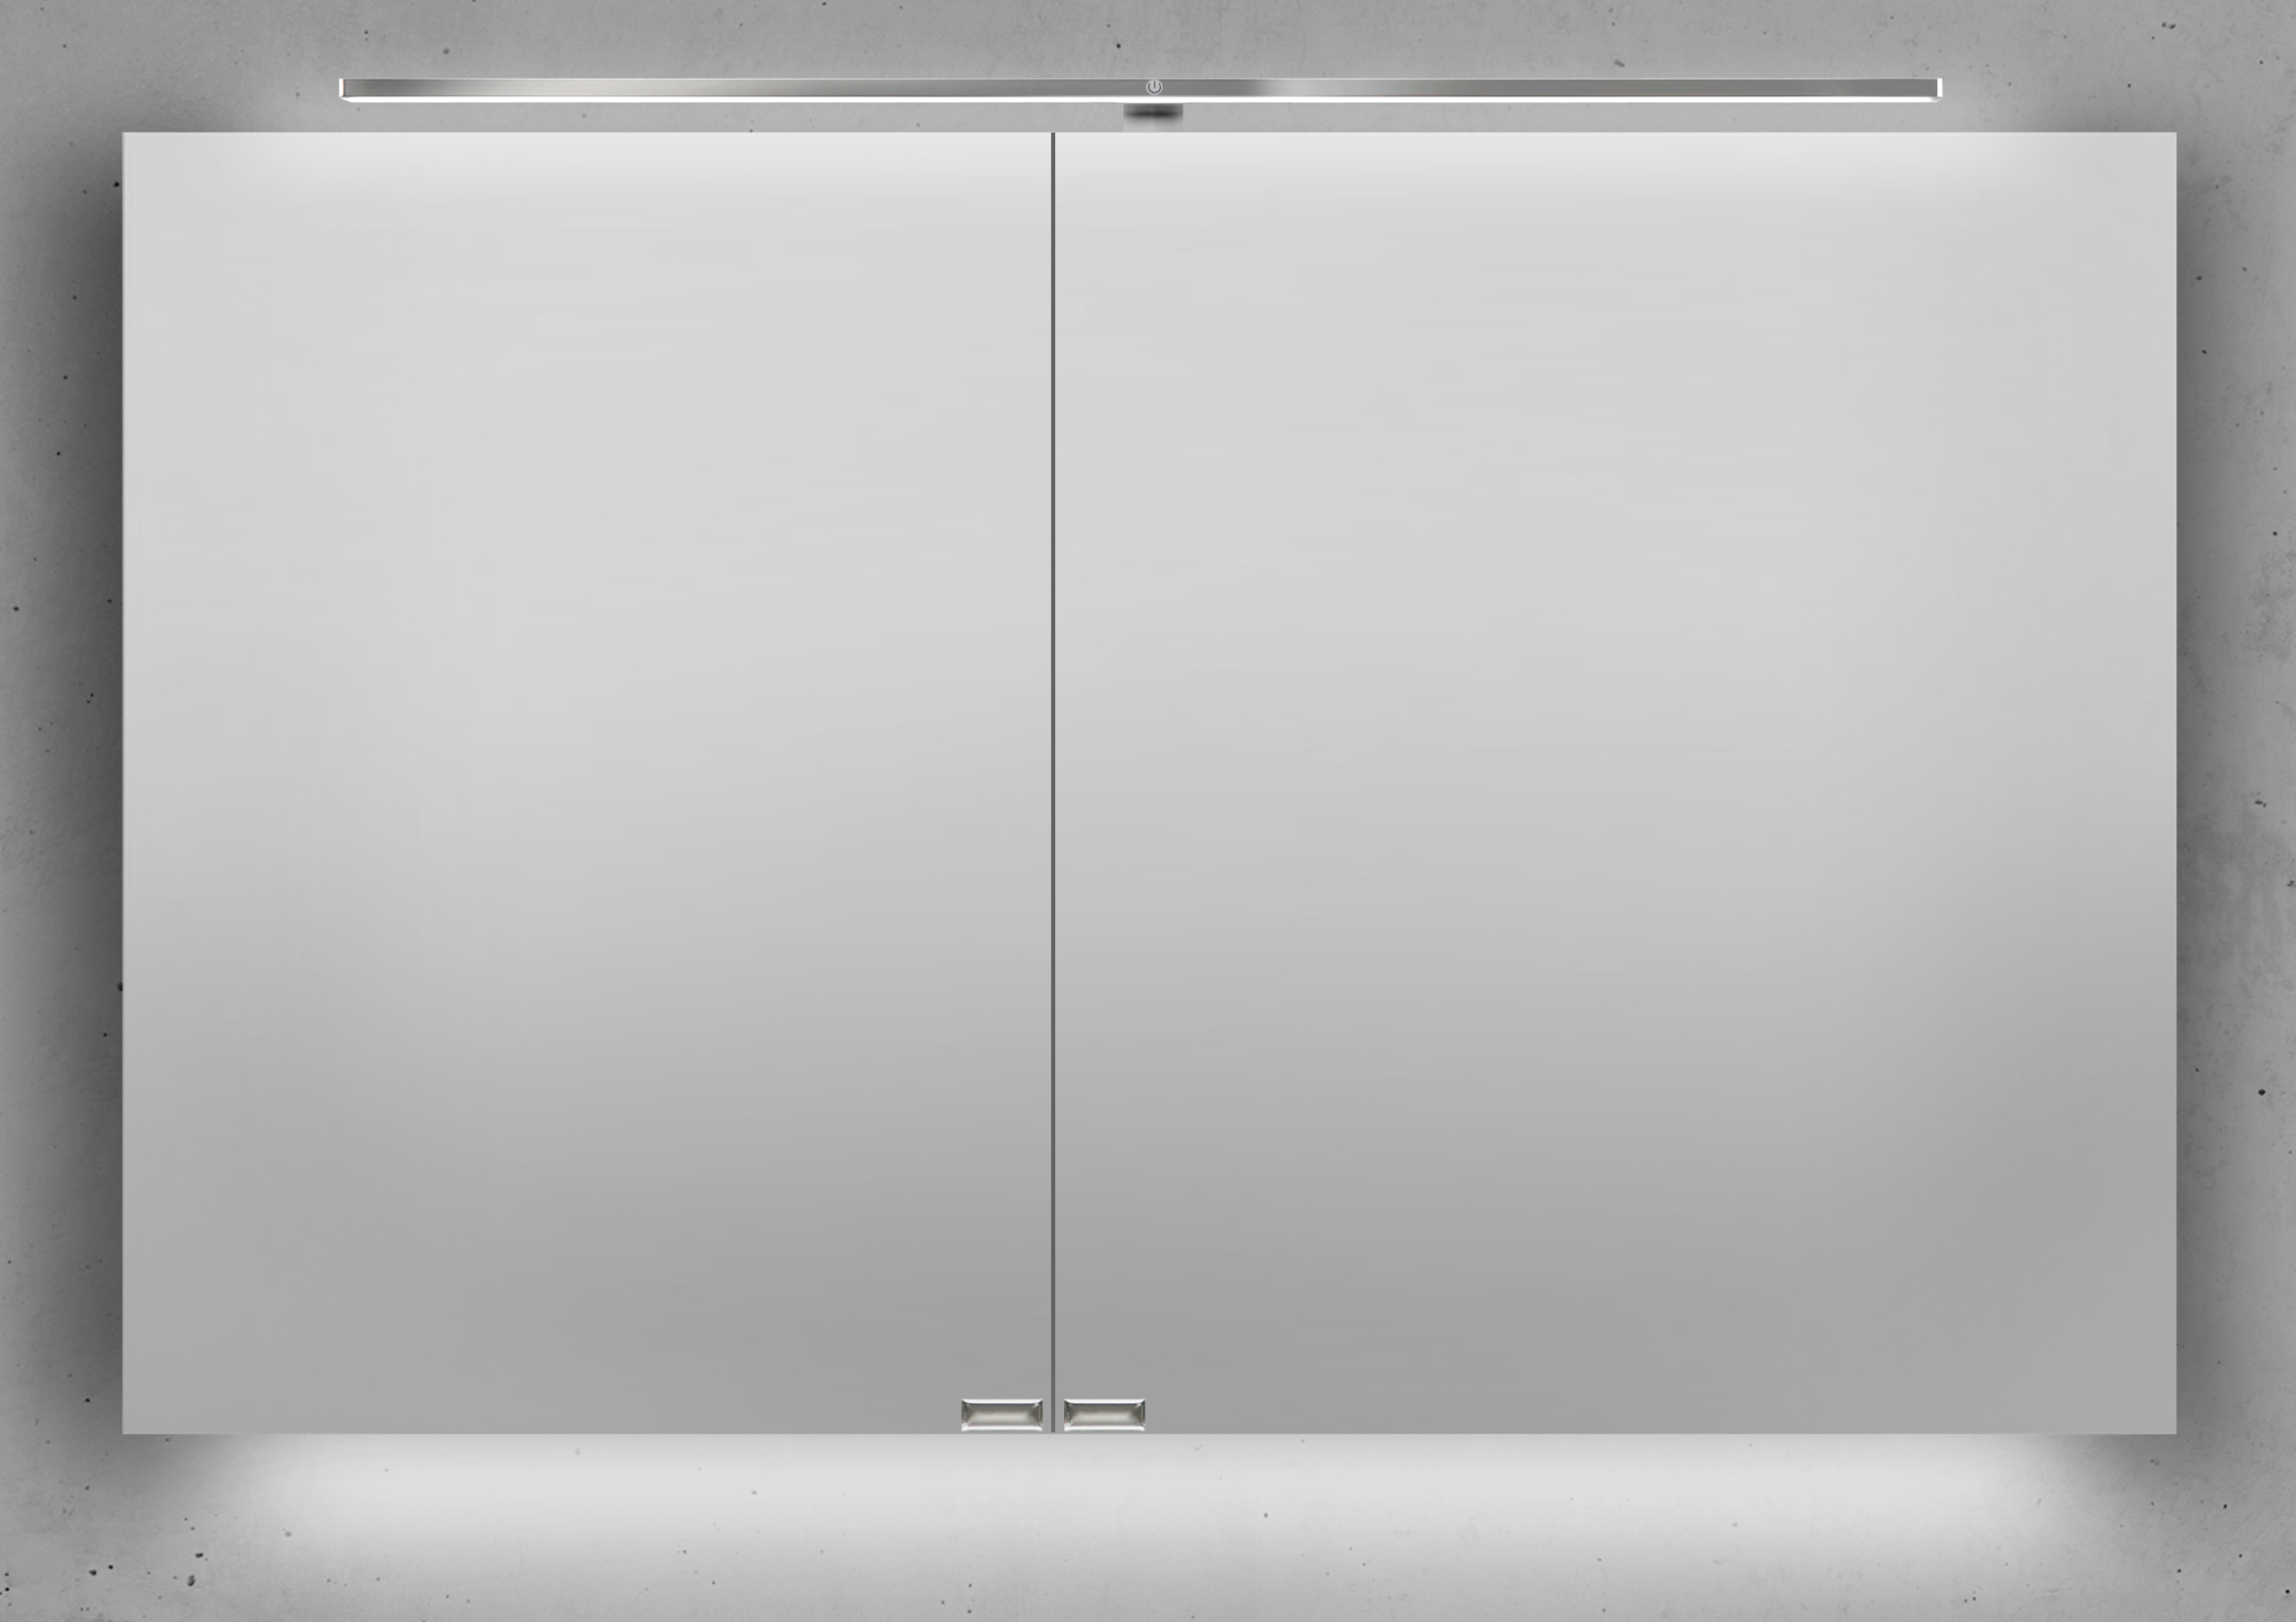 spiegelschrank 110 cm led beleuchtung mit farbwechsel doppelseitig verspiegelt. Black Bedroom Furniture Sets. Home Design Ideas